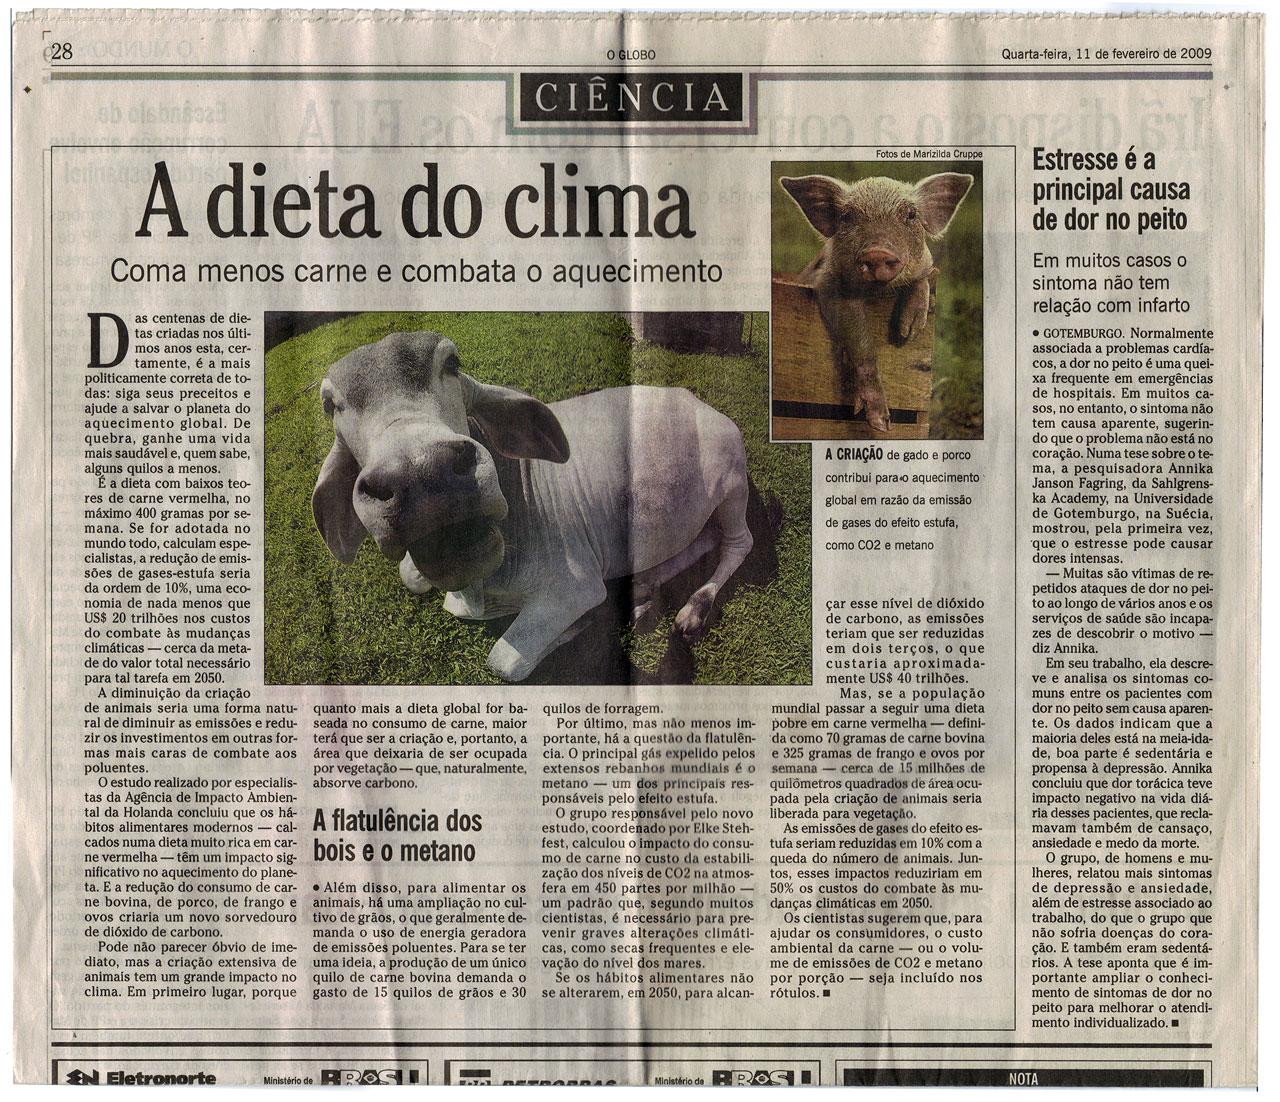 Matéria publicada no jornal O Globo, dia 11/2/2009